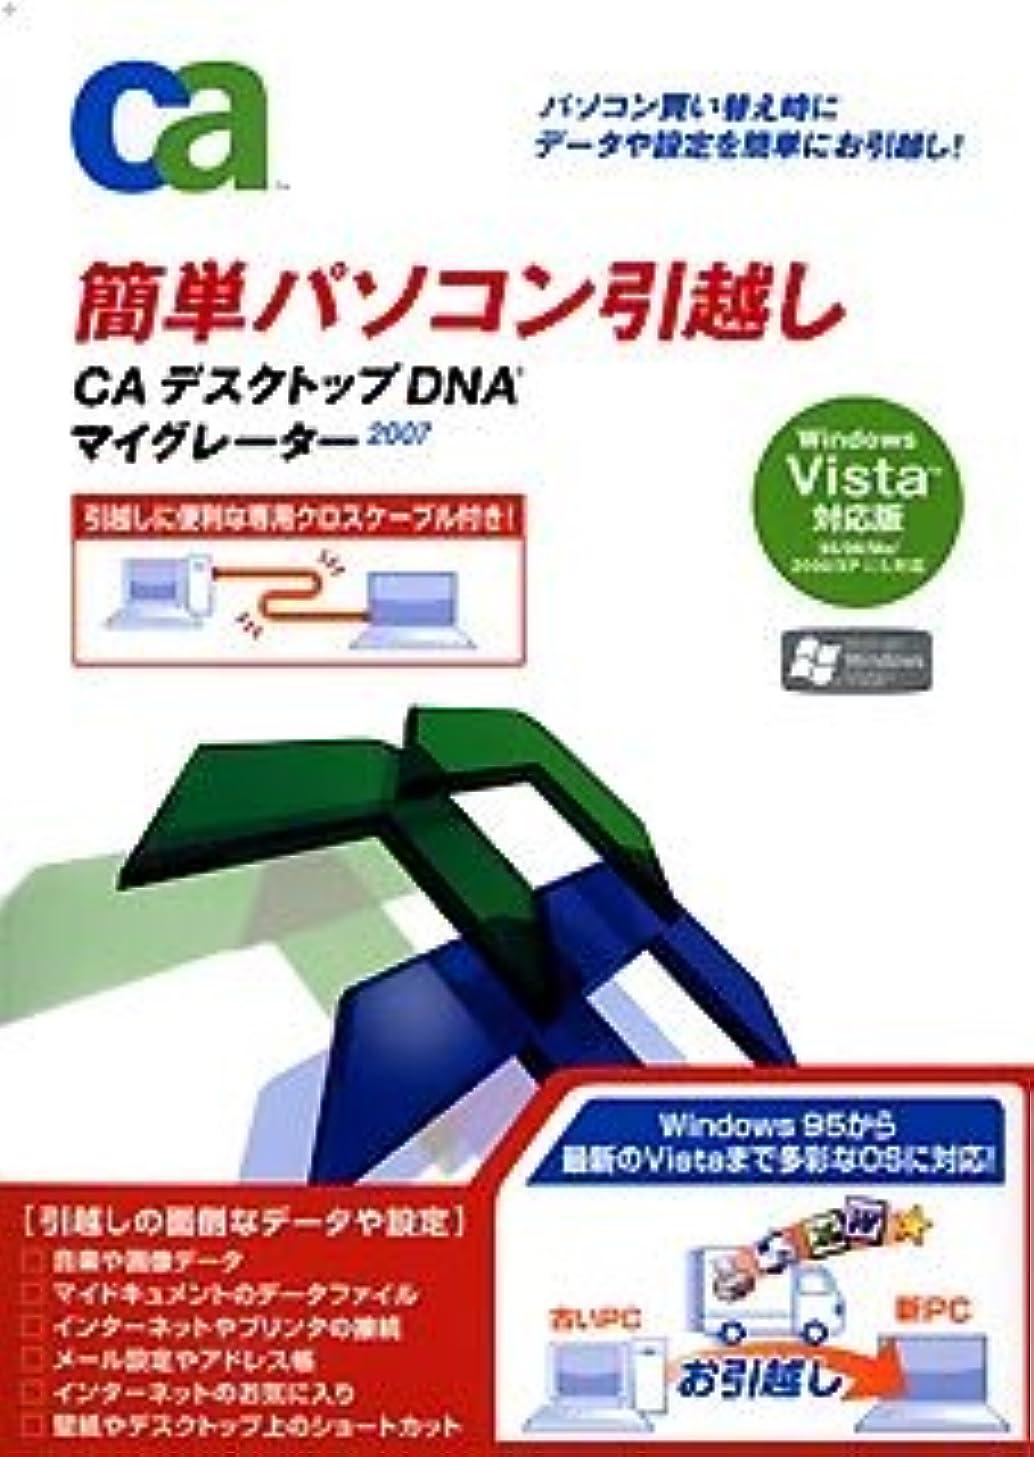 CA デスクトップDNAマイグレーター 2007 WindowsVista対応版 (パッケージ版)